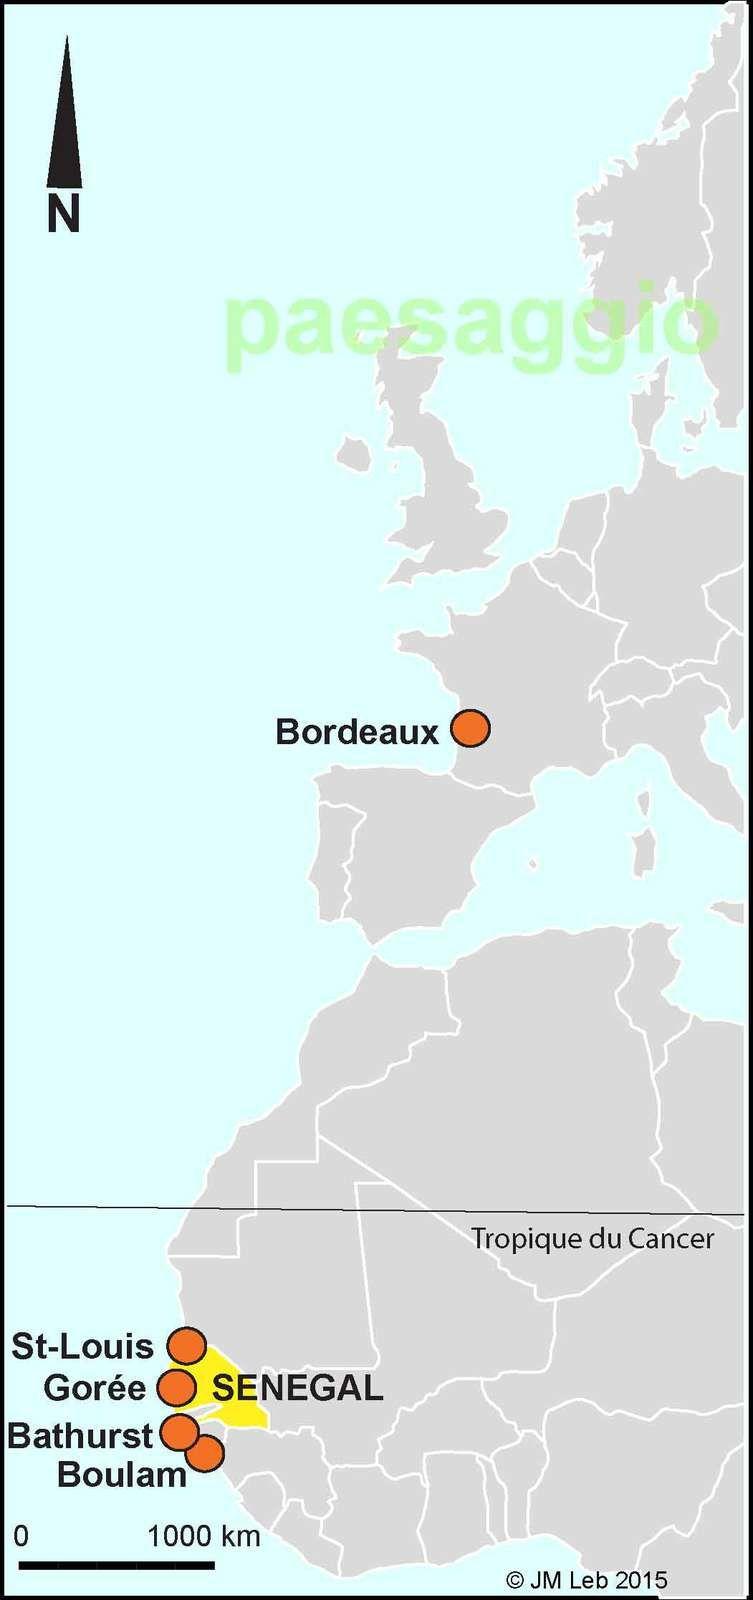 Quelques lieux d'implantation majeure de Maurel et H.Prom : l'île de Gorée, Saint-Louis, Boulam (non loin de Bissau), Kayes (Sudan devenu Mali), Bathurst devenue Banjul.